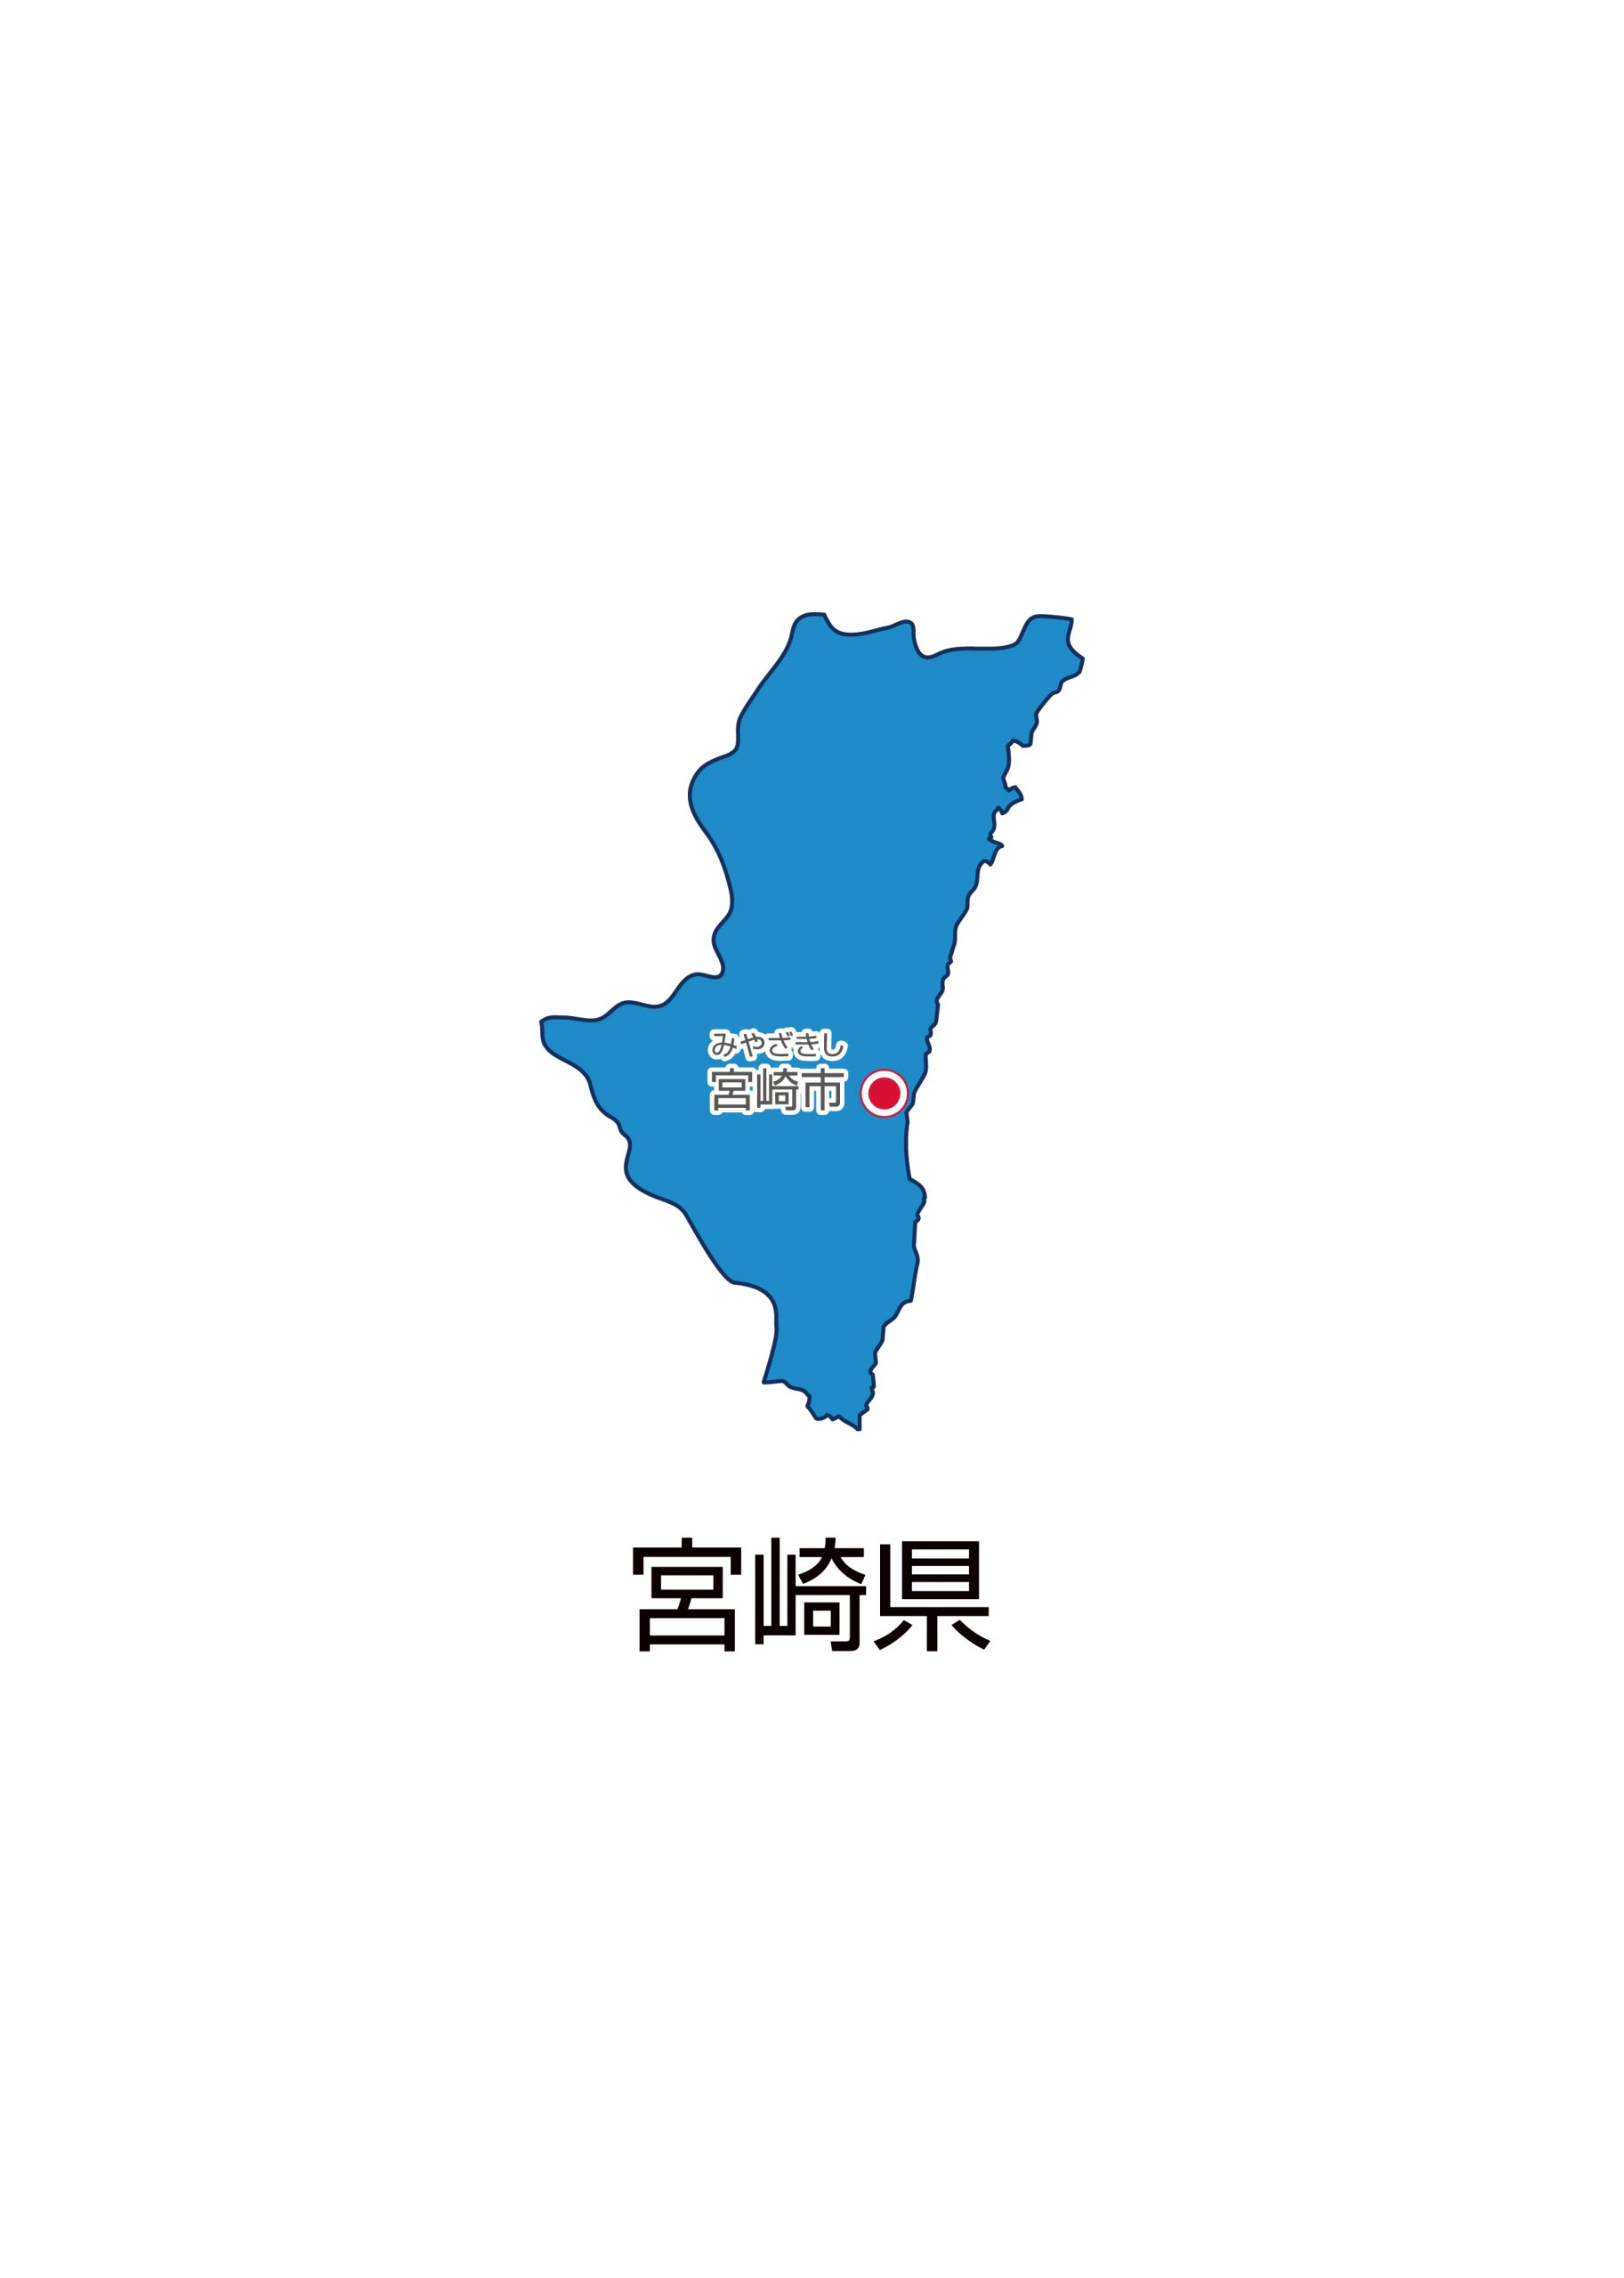 宮崎県無料フリーイラスト|日本語・県庁所在地あり・ルビあり(青)